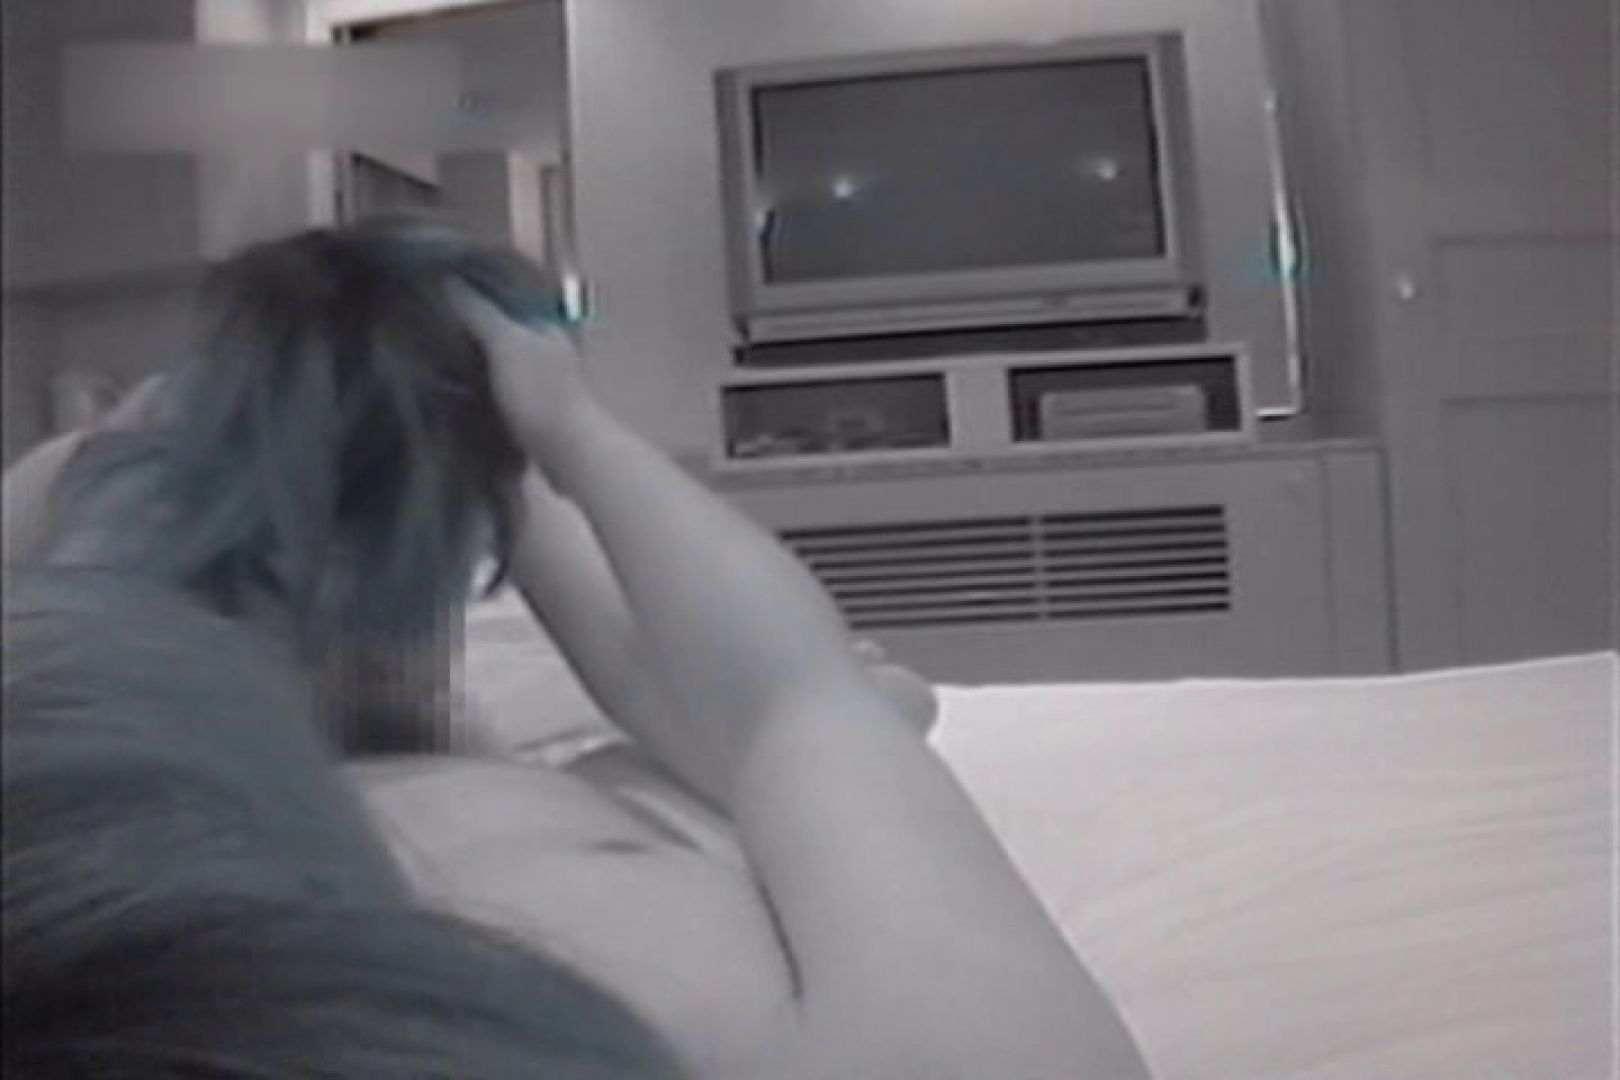 素人嬢をホテルに連れ込みアンナ事・コンナ事!?Vol.8 ナンパ AV無料動画キャプチャ 90pic 88